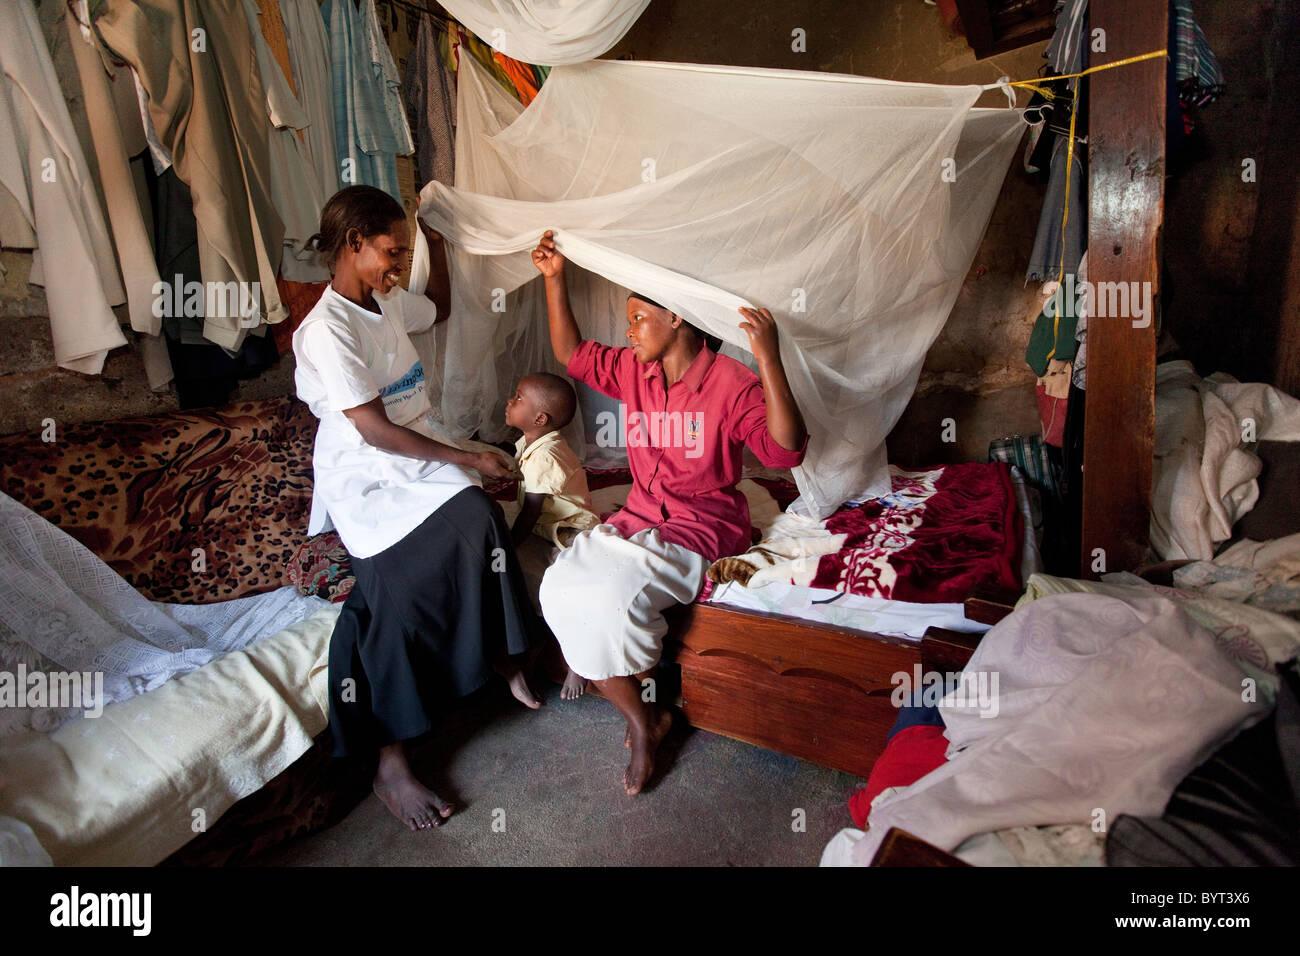 Un travailleur de la santé à domicile installe une moustiquaire dans la maison d'une famille à Photo Stock